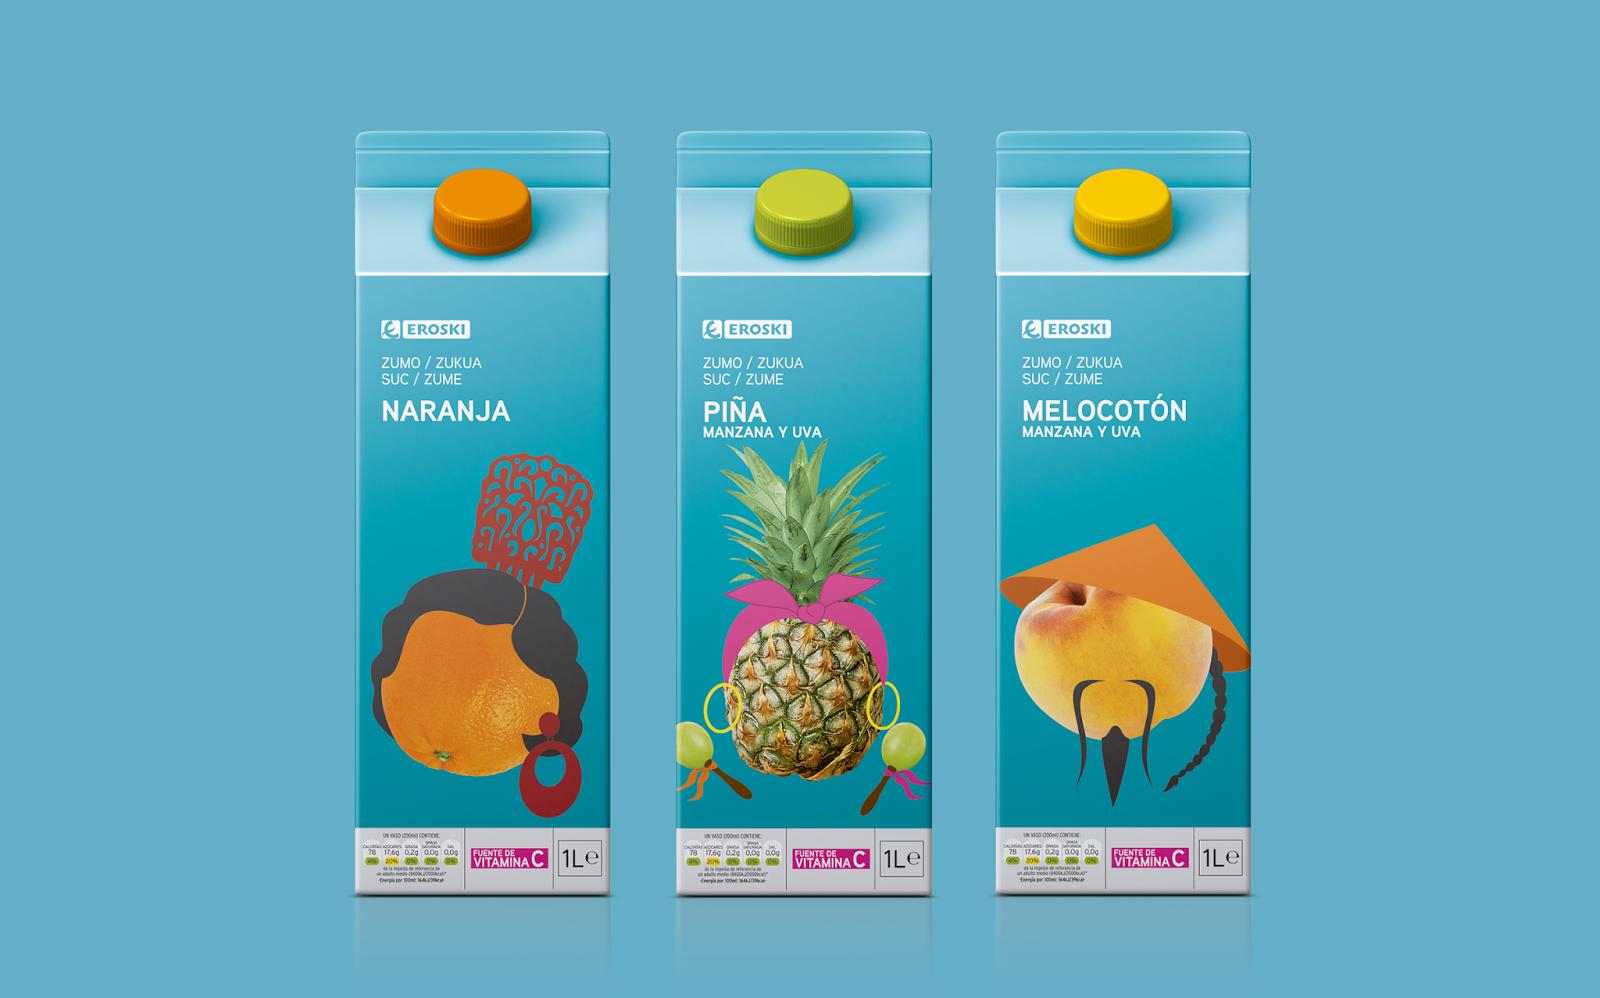 Création : Supperstudio, Espagne pour les jus de fruits de la marque Eroski (2014)